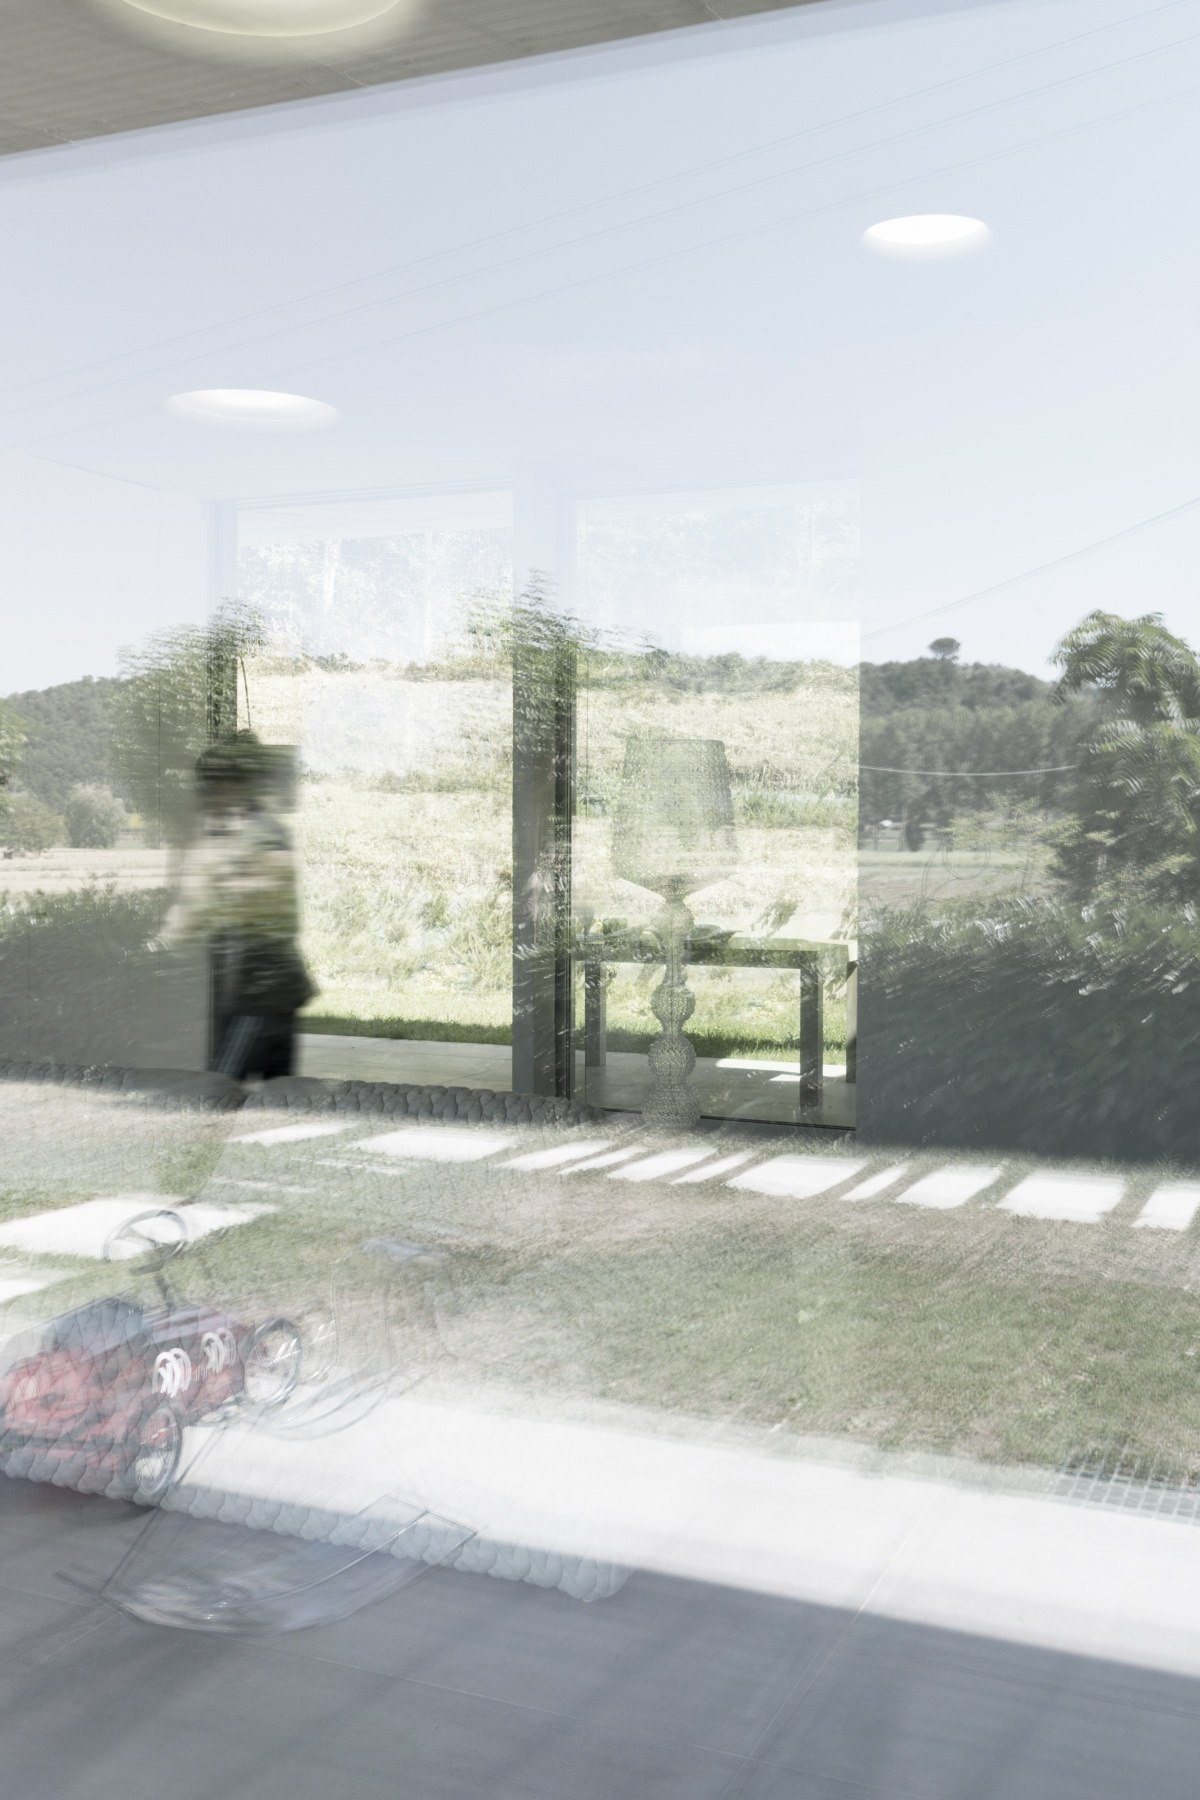 vetrata che riflette il paesaggio